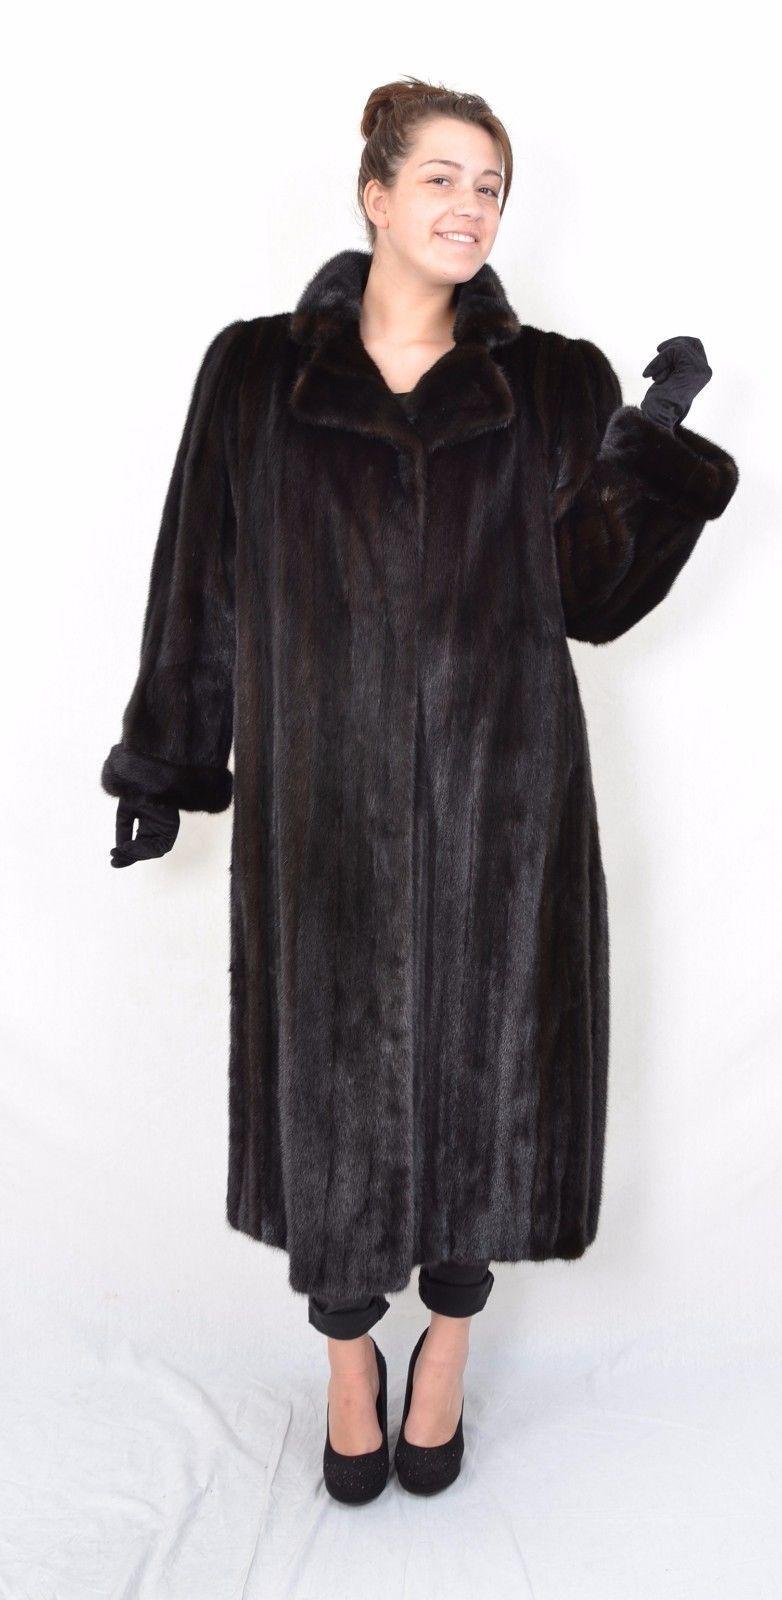 Us282 Softy Fashionable Mink Fur Coat Jacket Full Length Abrigo De Vison Ca Xl Fur Coat Coat Mink Fur Coat [ 1600 x 782 Pixel ]